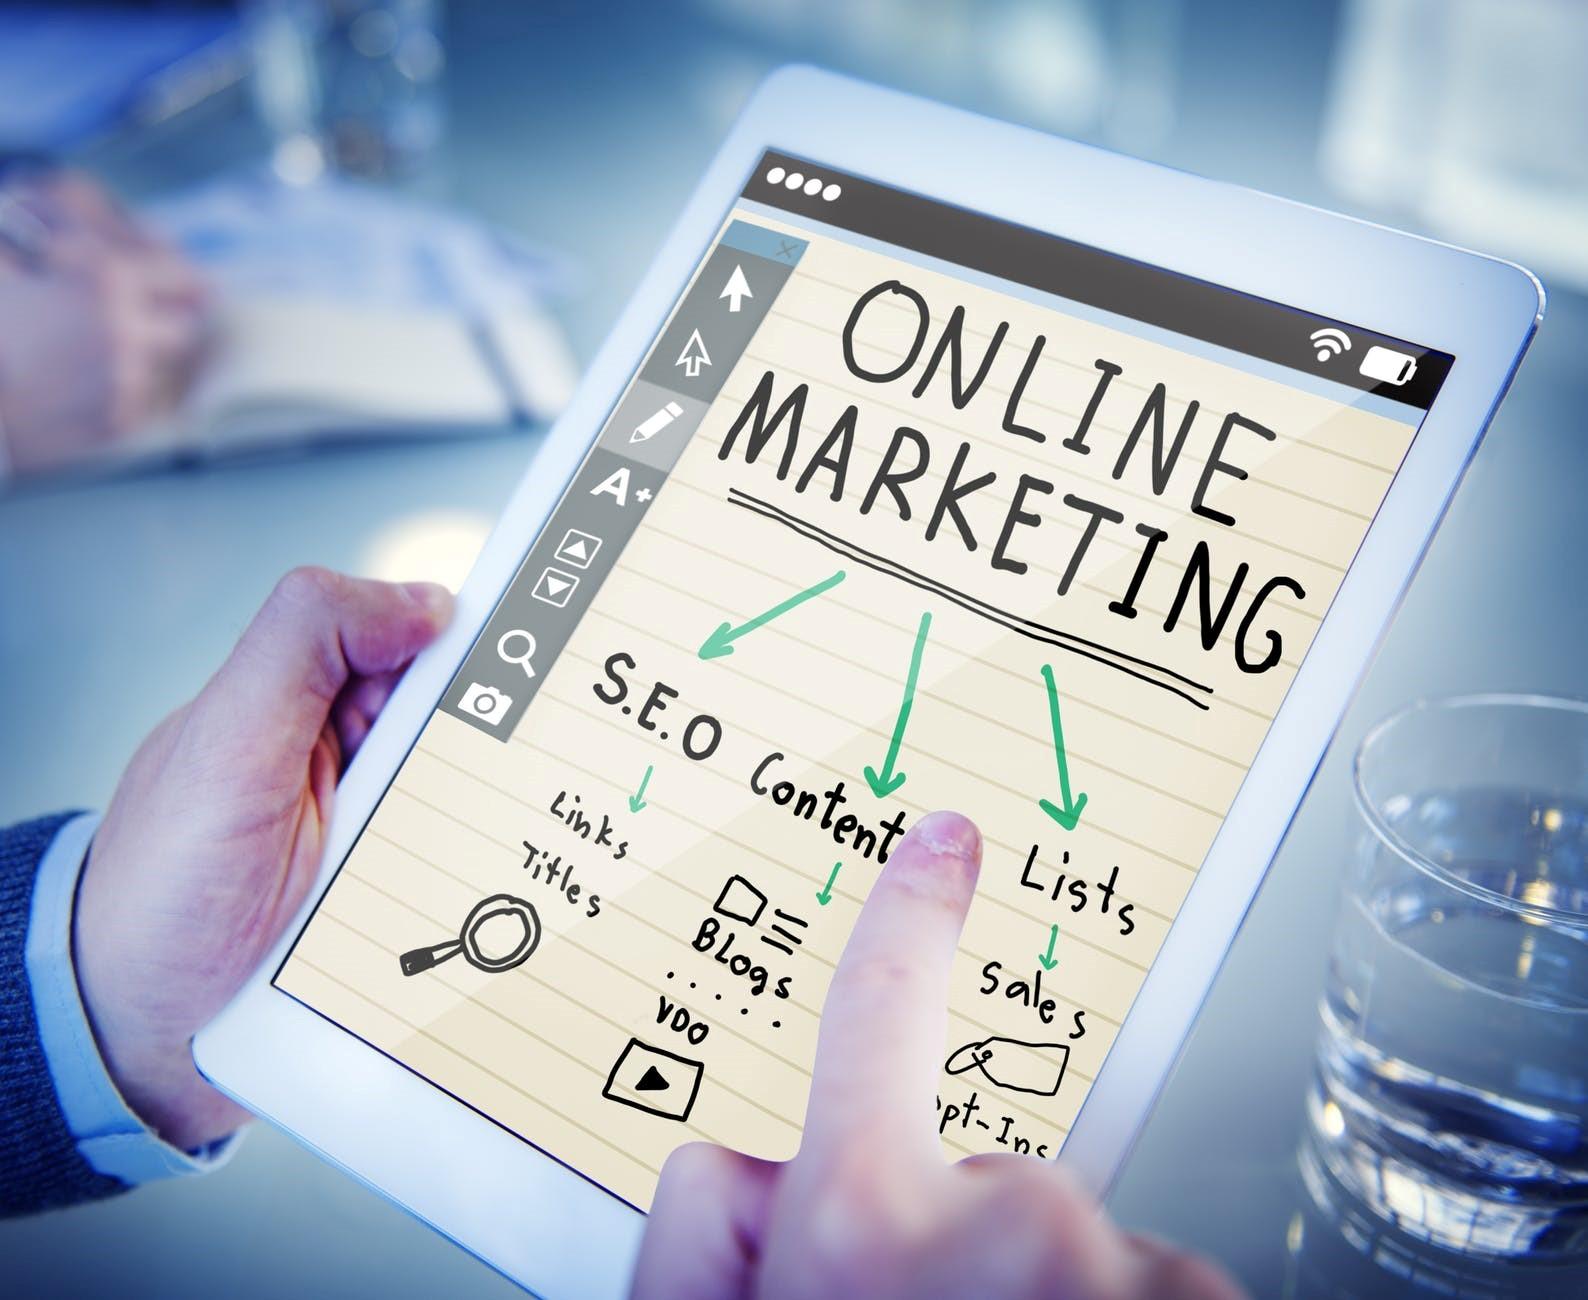 การทำการตลาดออนไลน์ที่เรียกว่า SEO